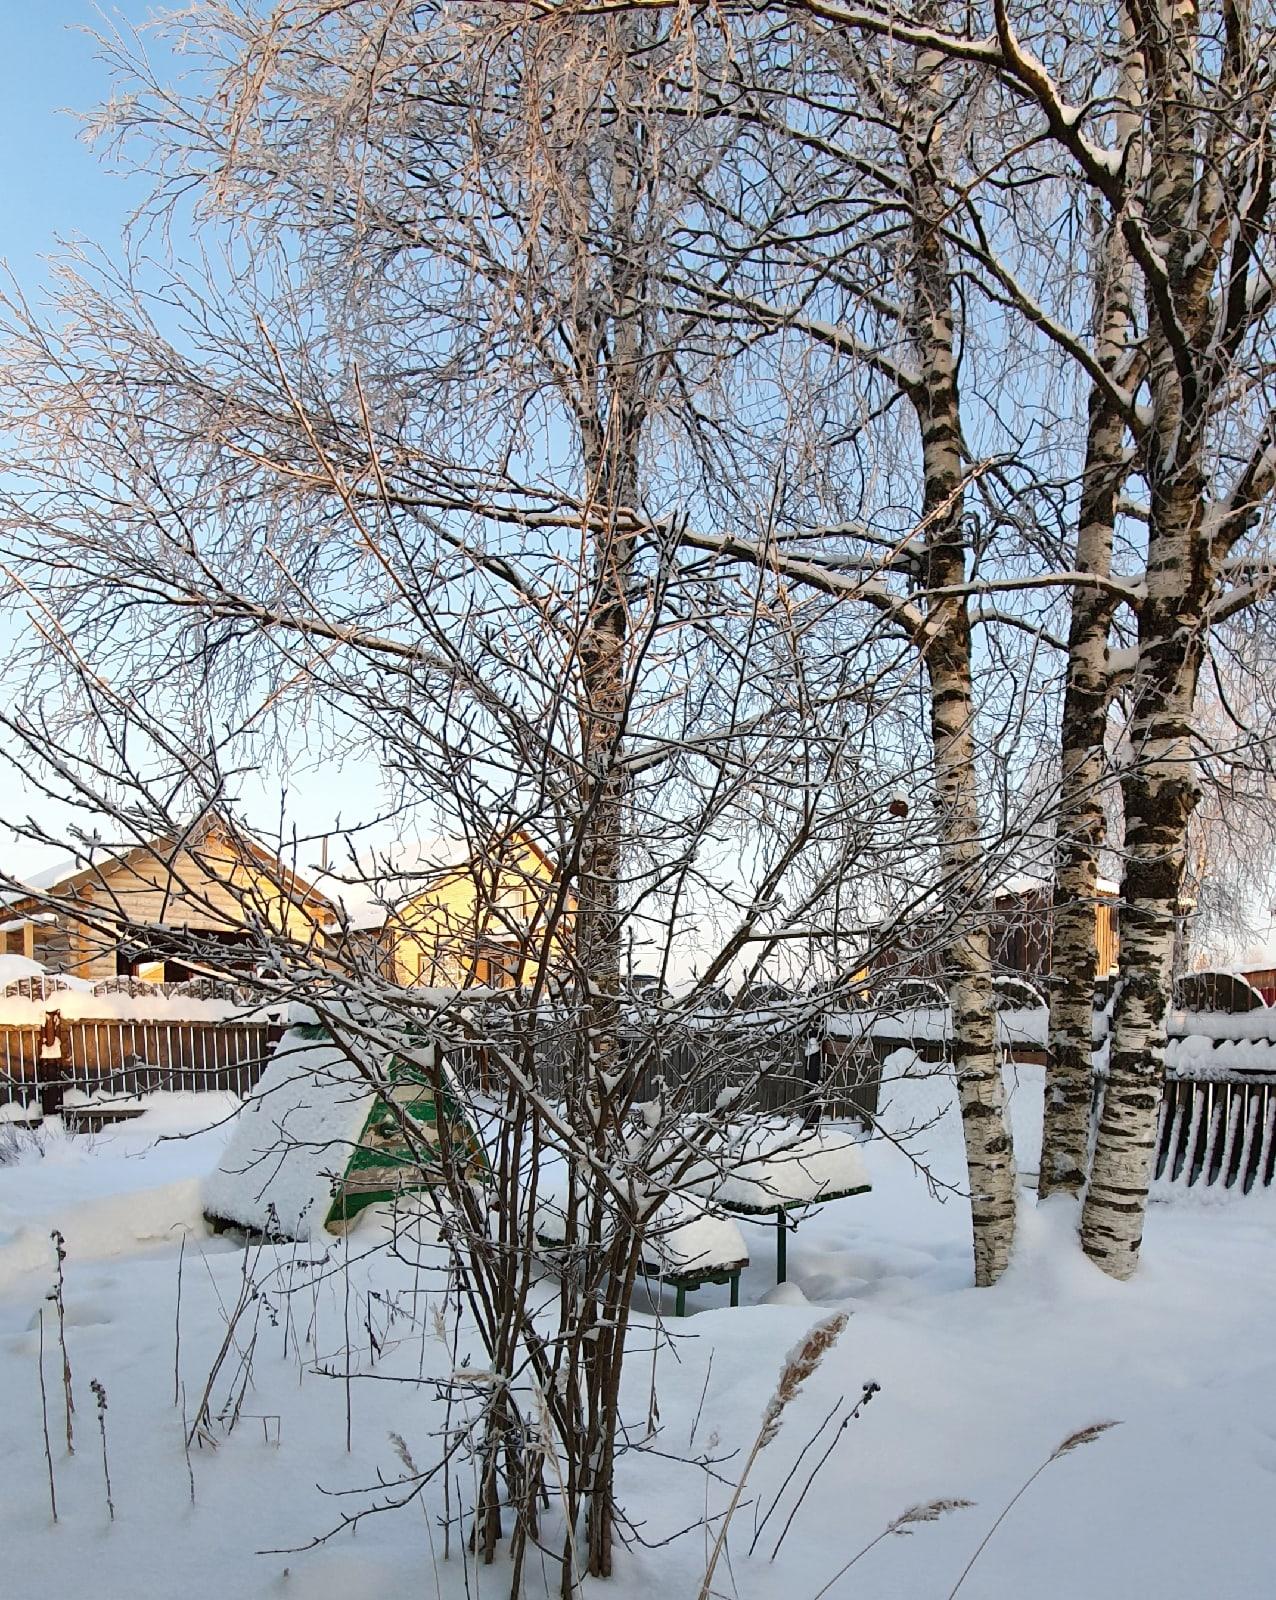 Мороз и солнце! Красота Севера в родной